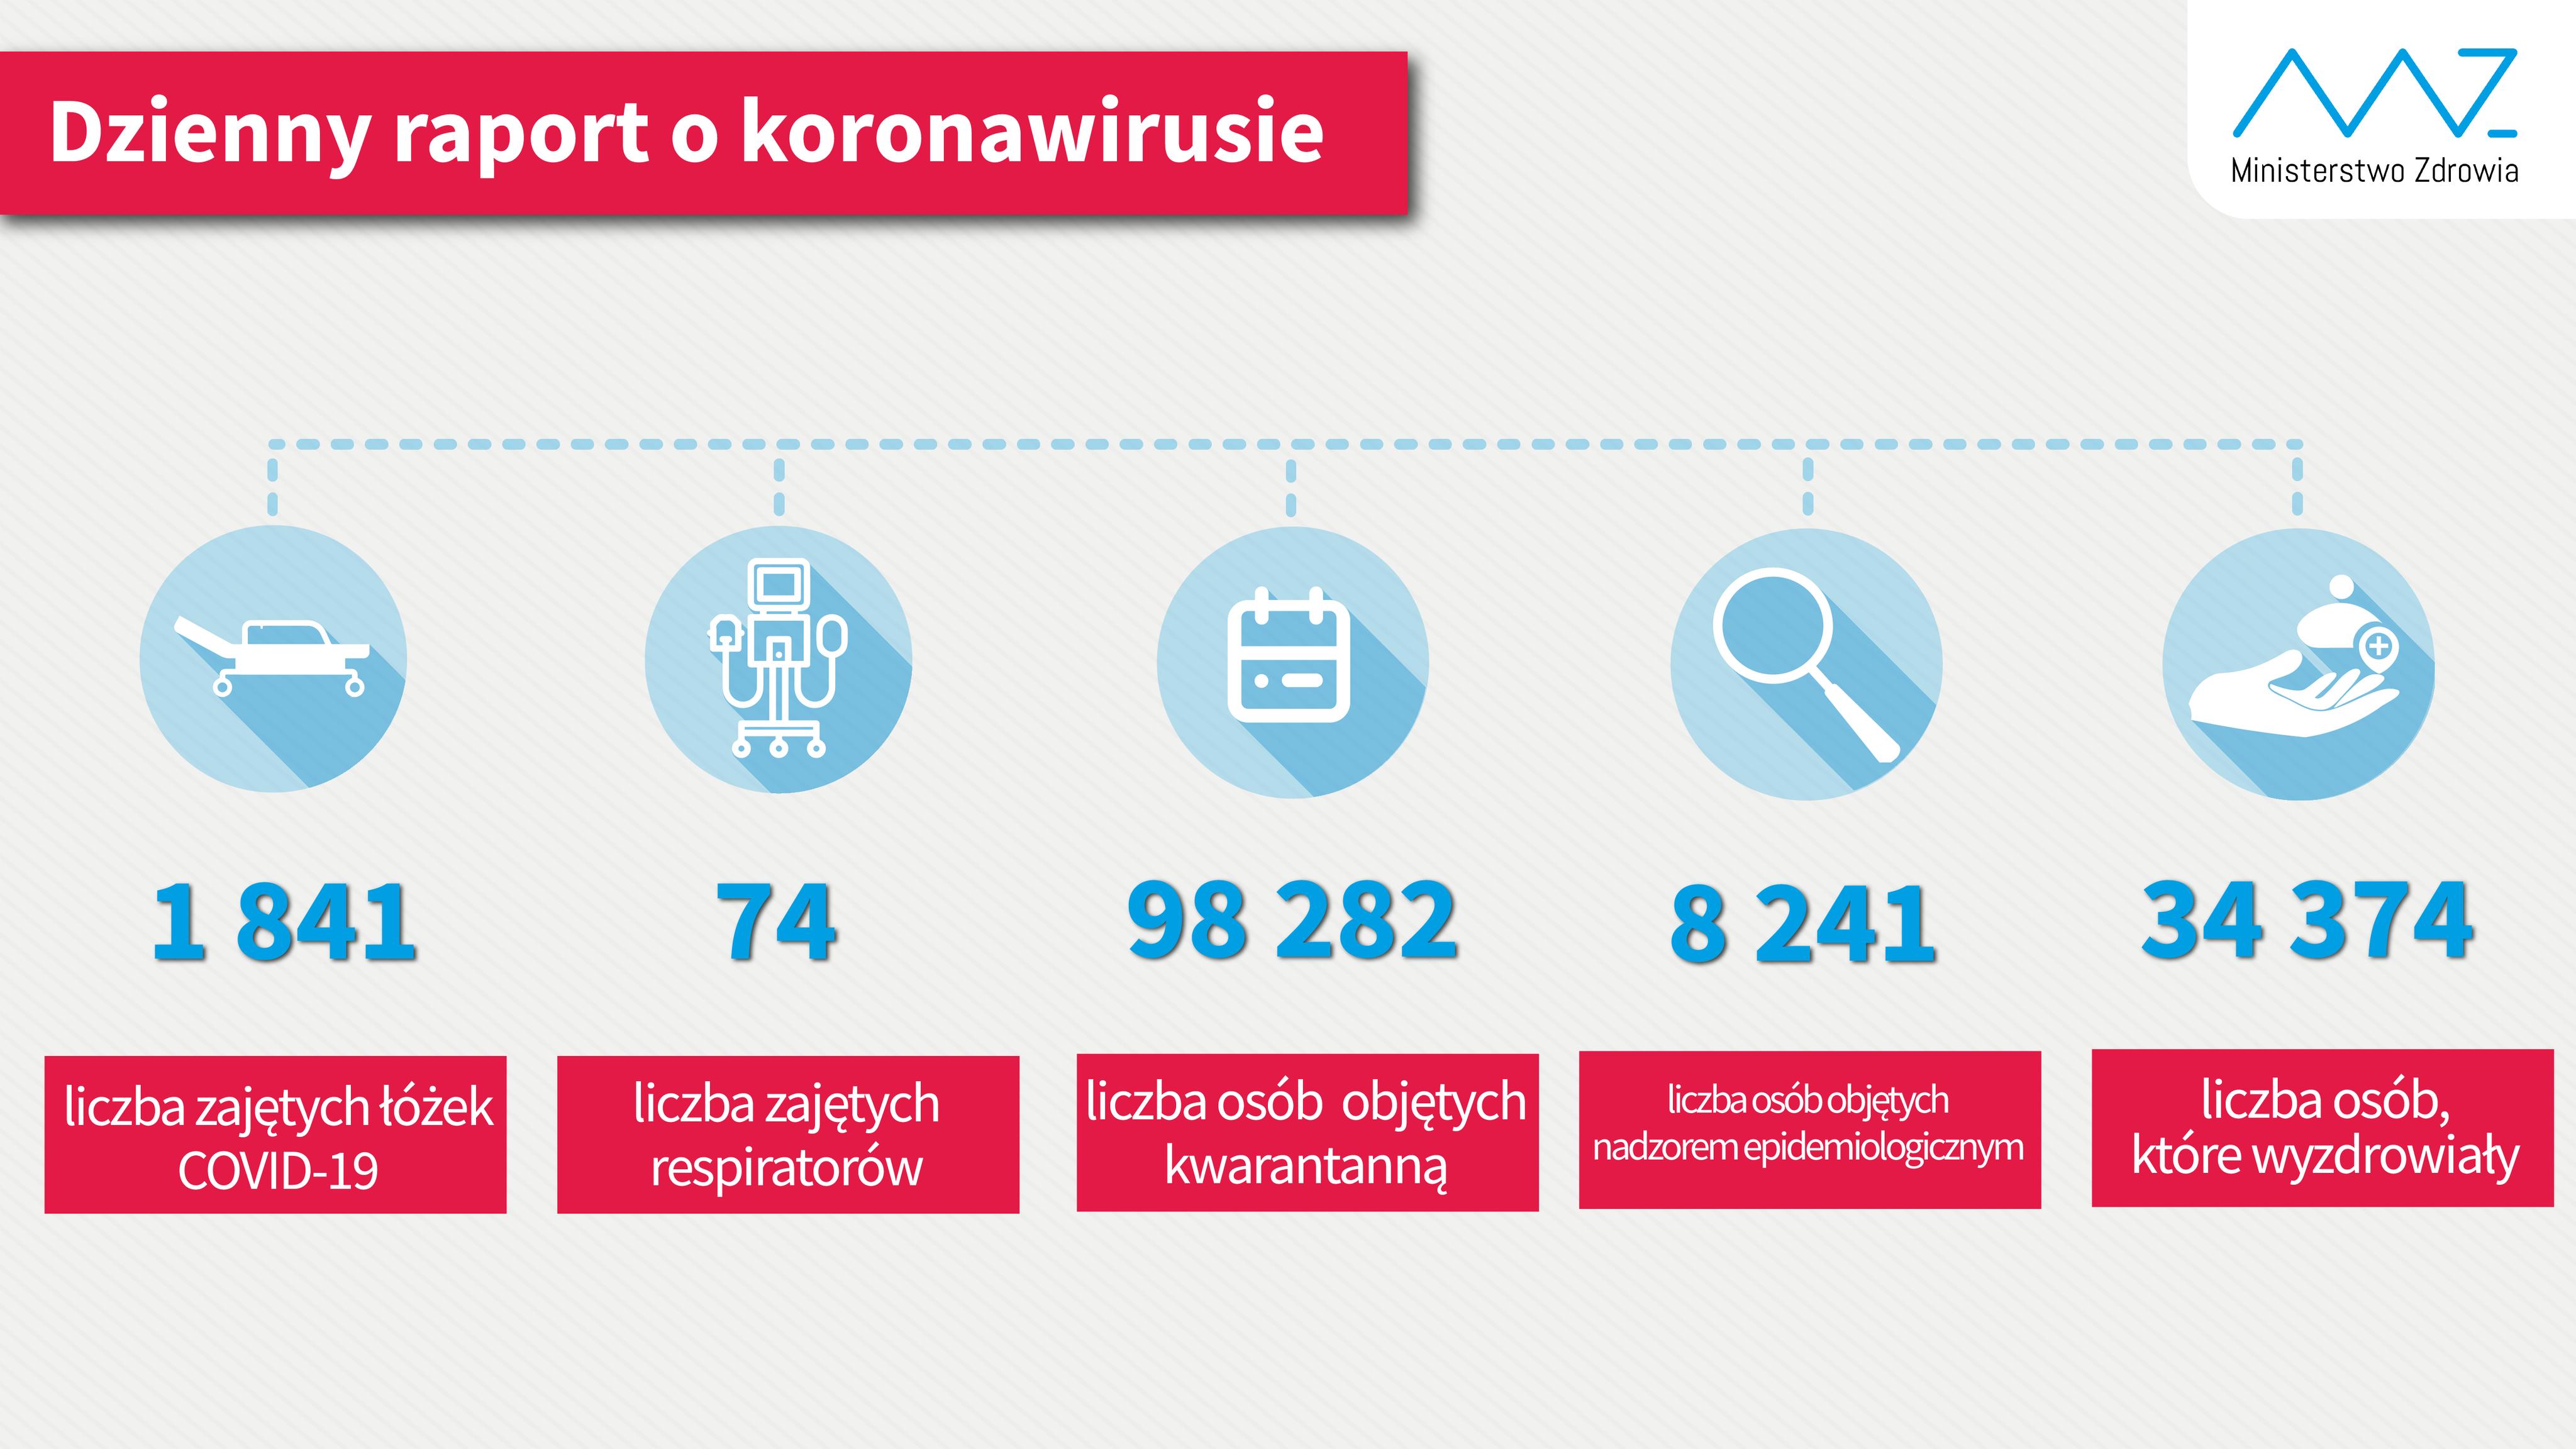 koronawirus raport mz - Ministerstwo Zdrowia